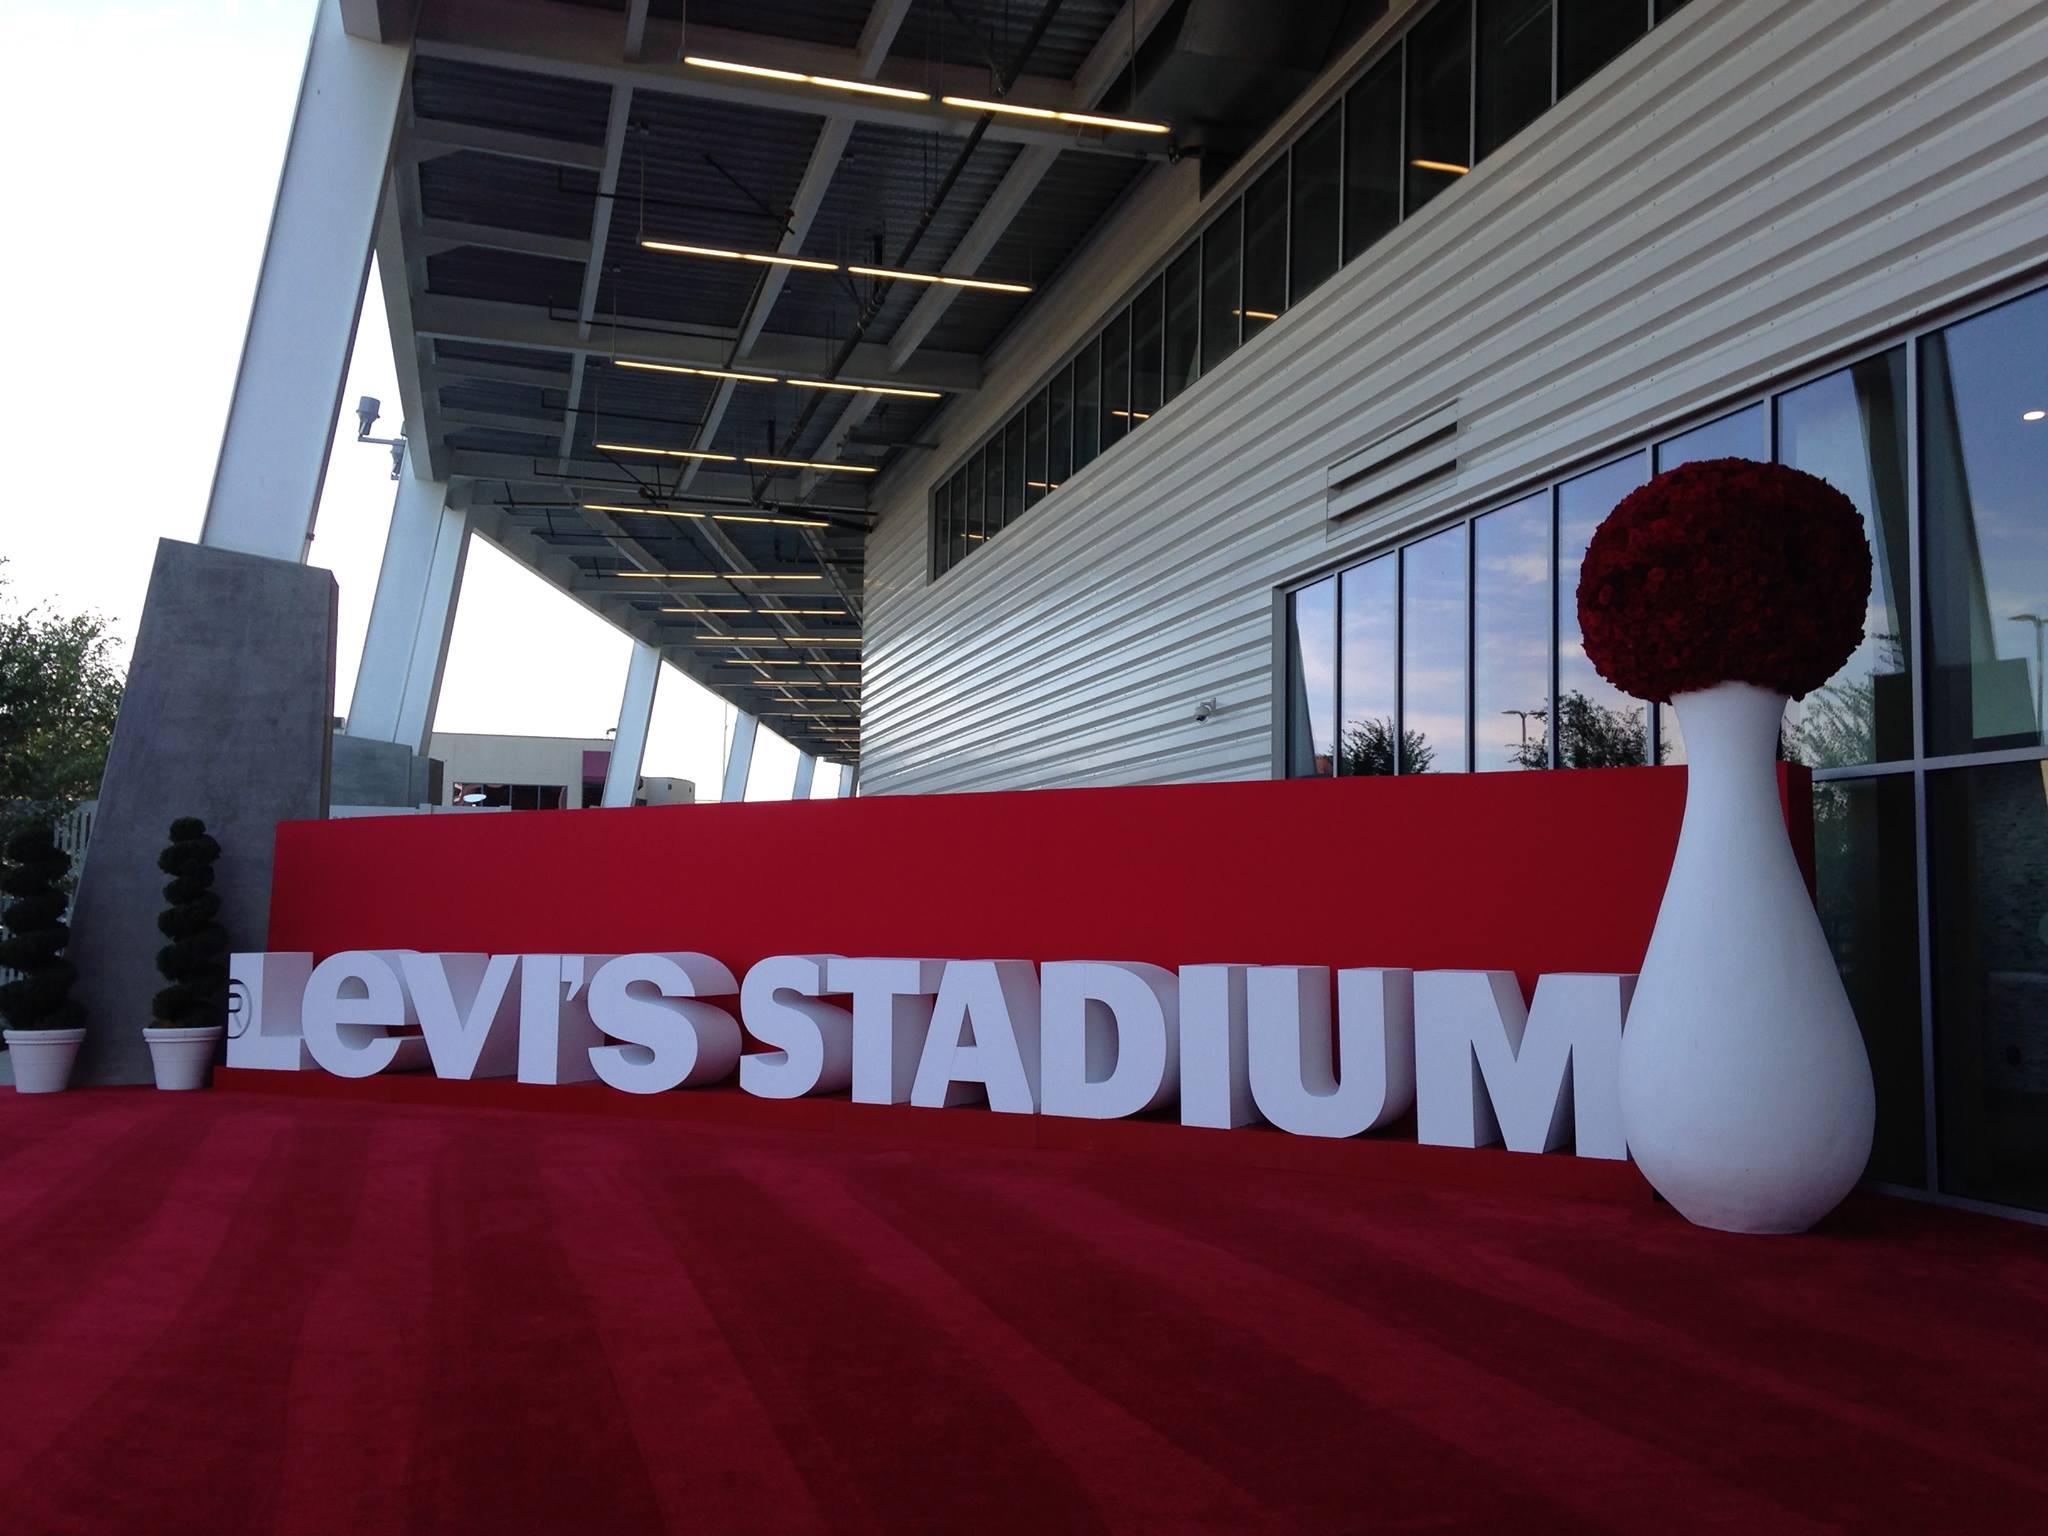 Levis Stadium Sign